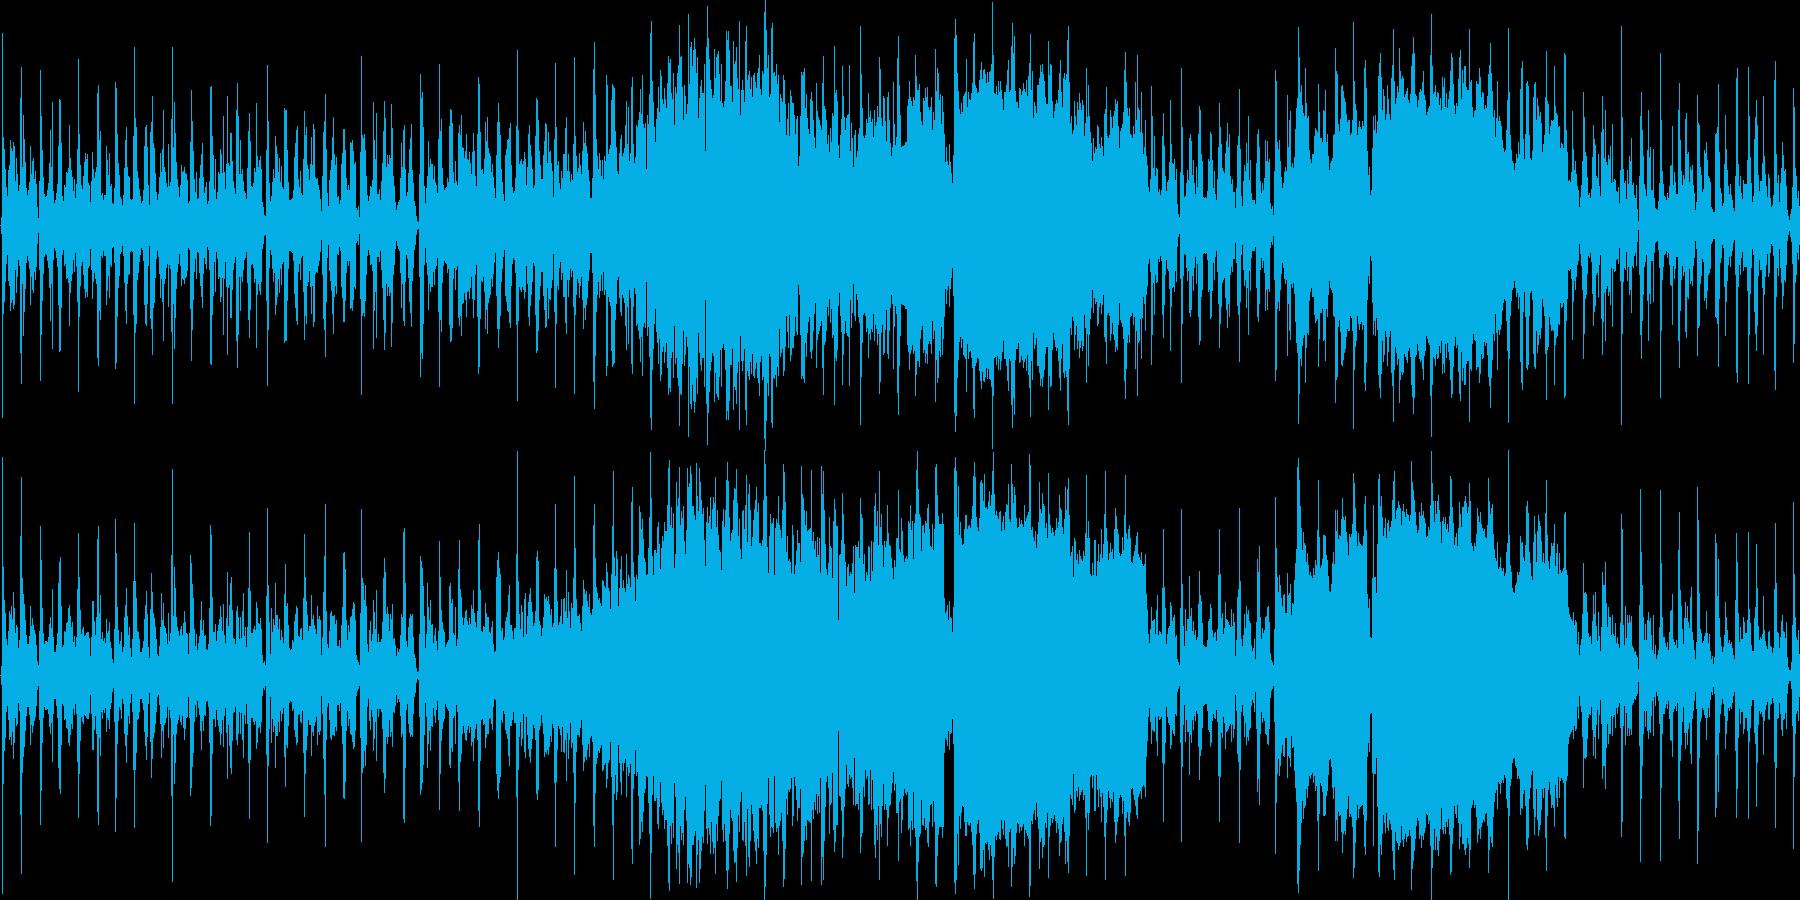 【アメリカン/インディアン/映像】の再生済みの波形